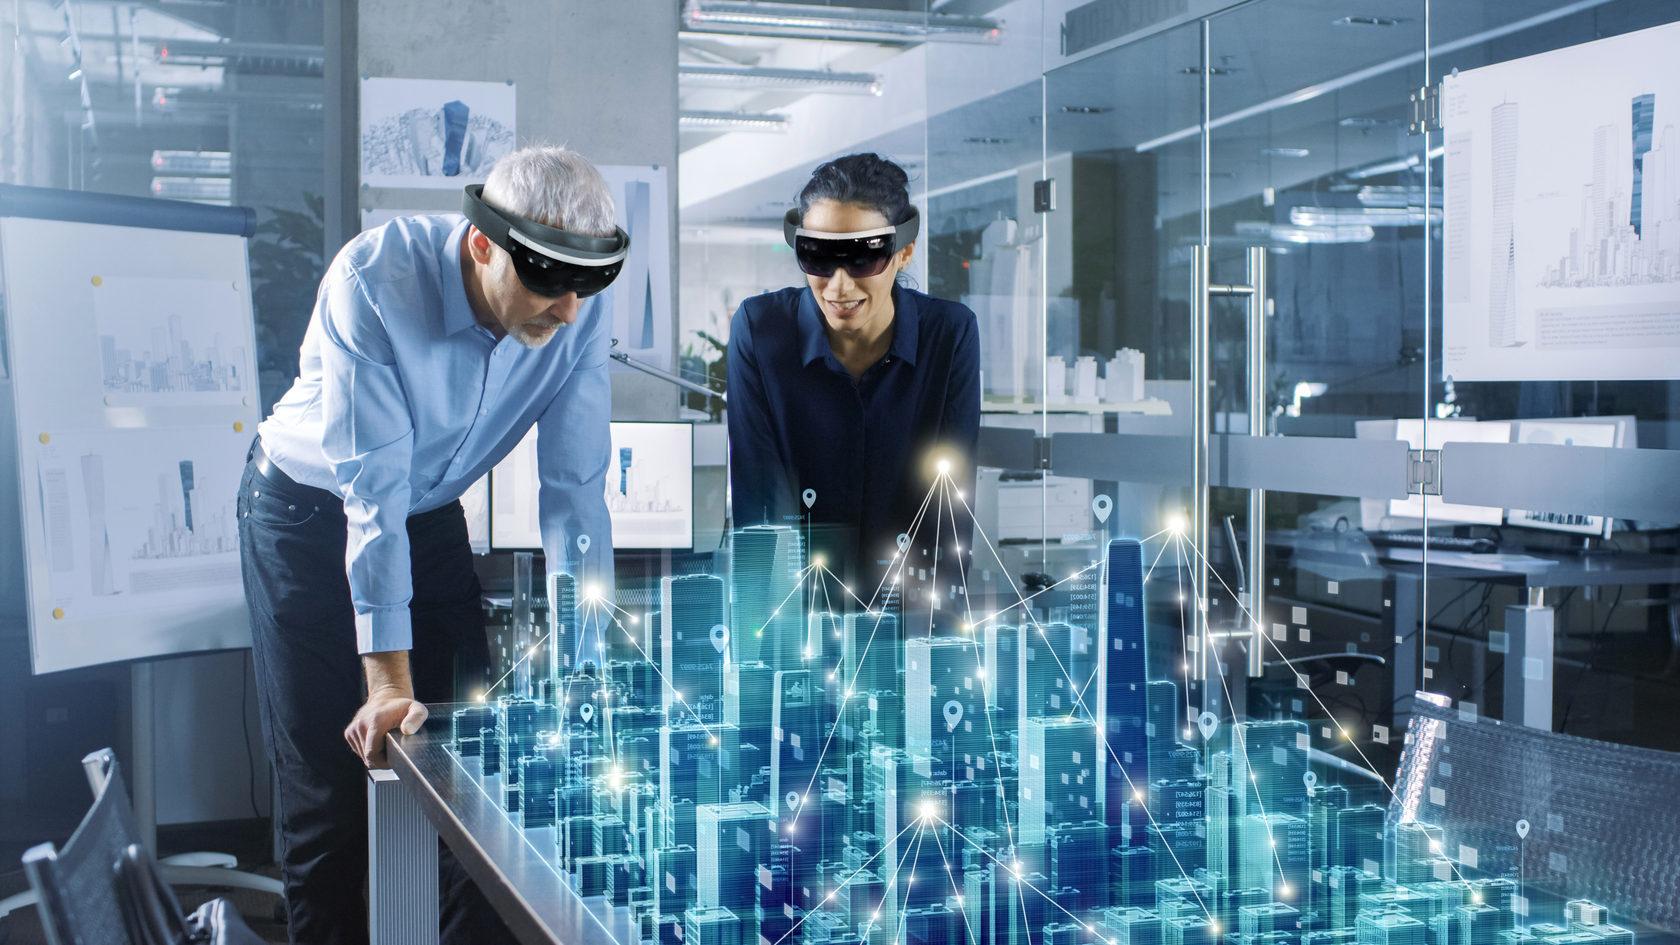 It технологии: профессии, связанные с информатикой it технологии: что это такое, ит-специалист - кто это, все специальности, айти индустрии